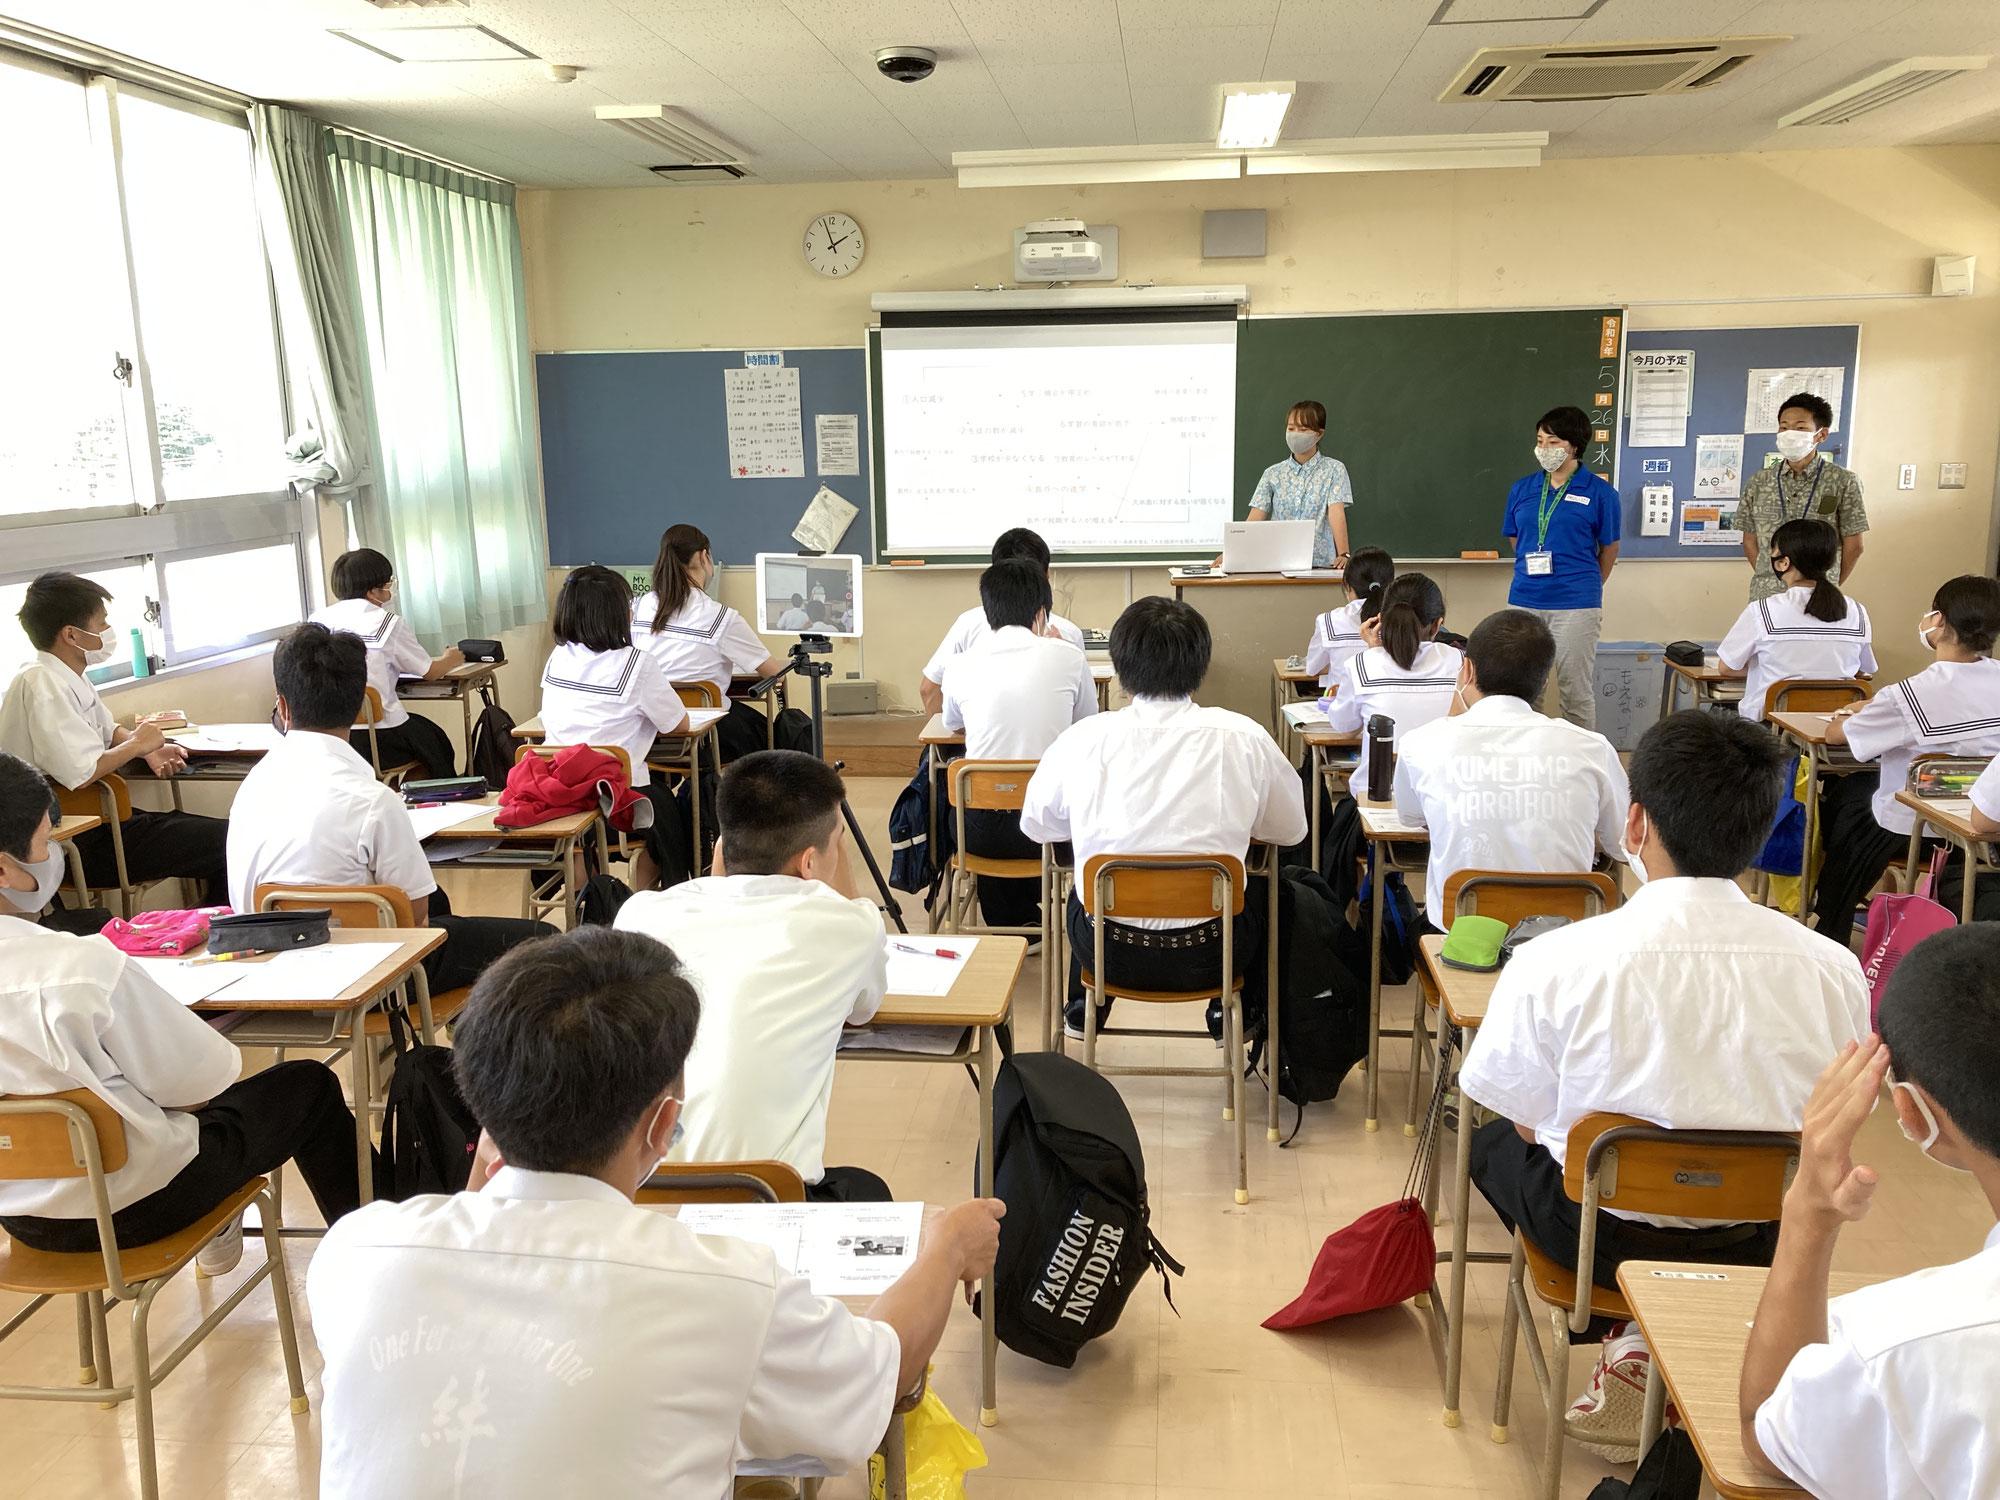 久米島高校の授業に参加しました!